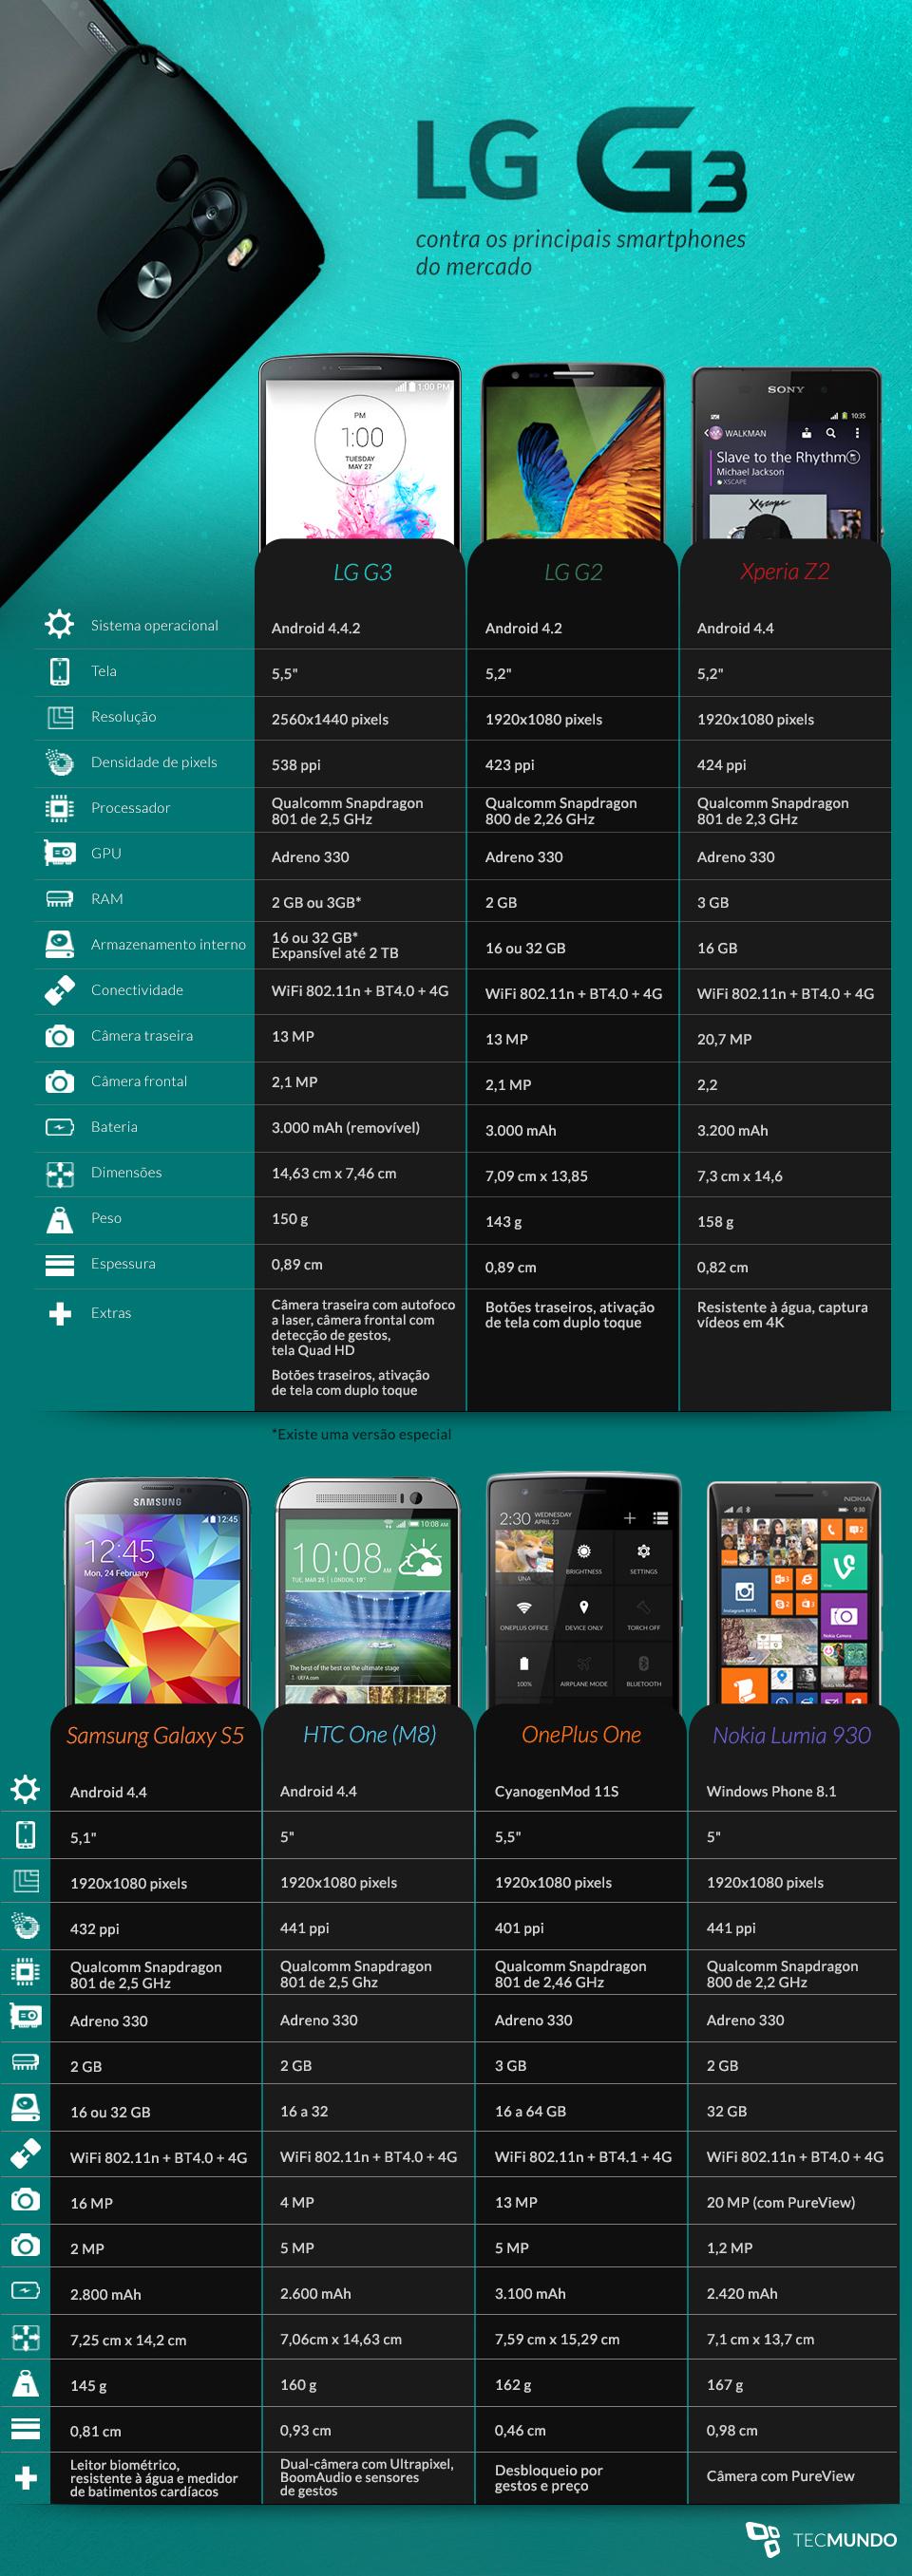 Comparação: LG G3 contra os principais smartphones do mercado